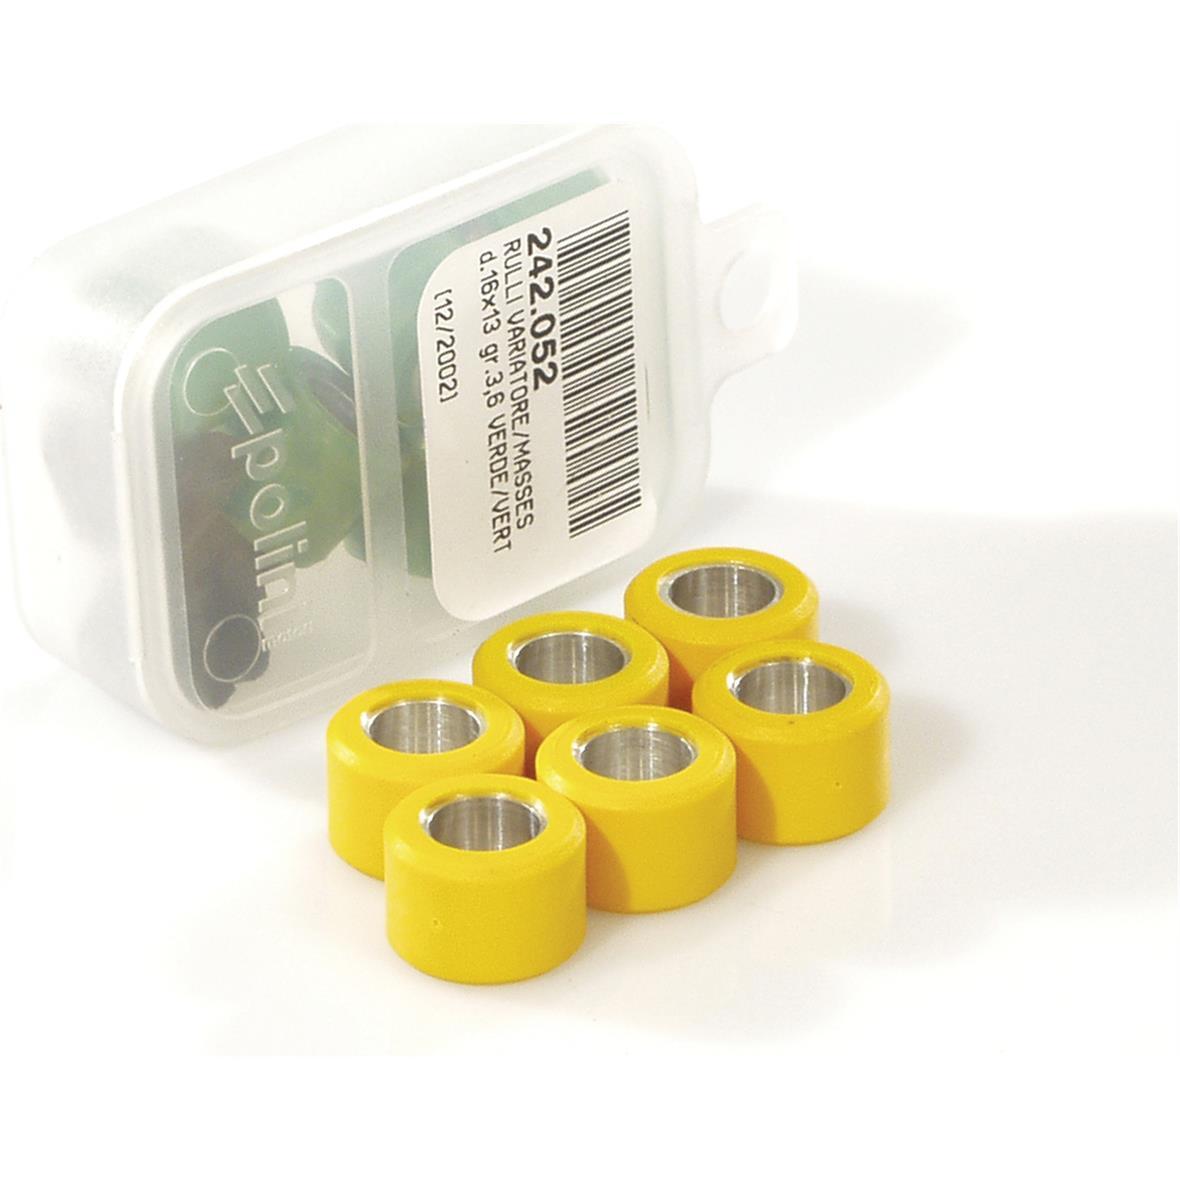 Obrázek výrobku pro 'Válečky variátoru POLINI 15x12 mm 7,4 gramTitle'